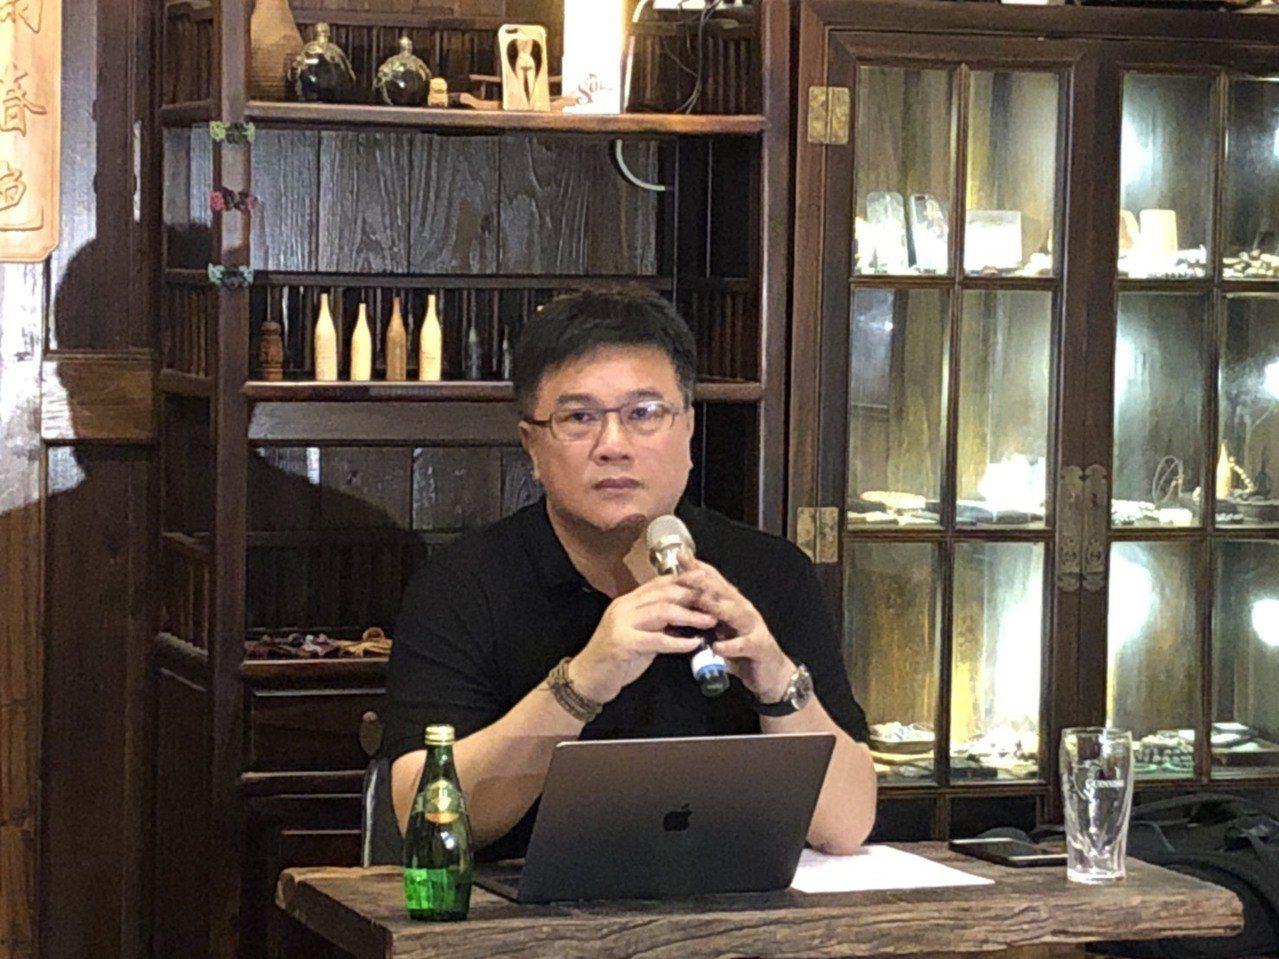 MLD董事長宋宸鏞召開記者會,說明微風南山3餐廳緣由。圖/天耘策略提供